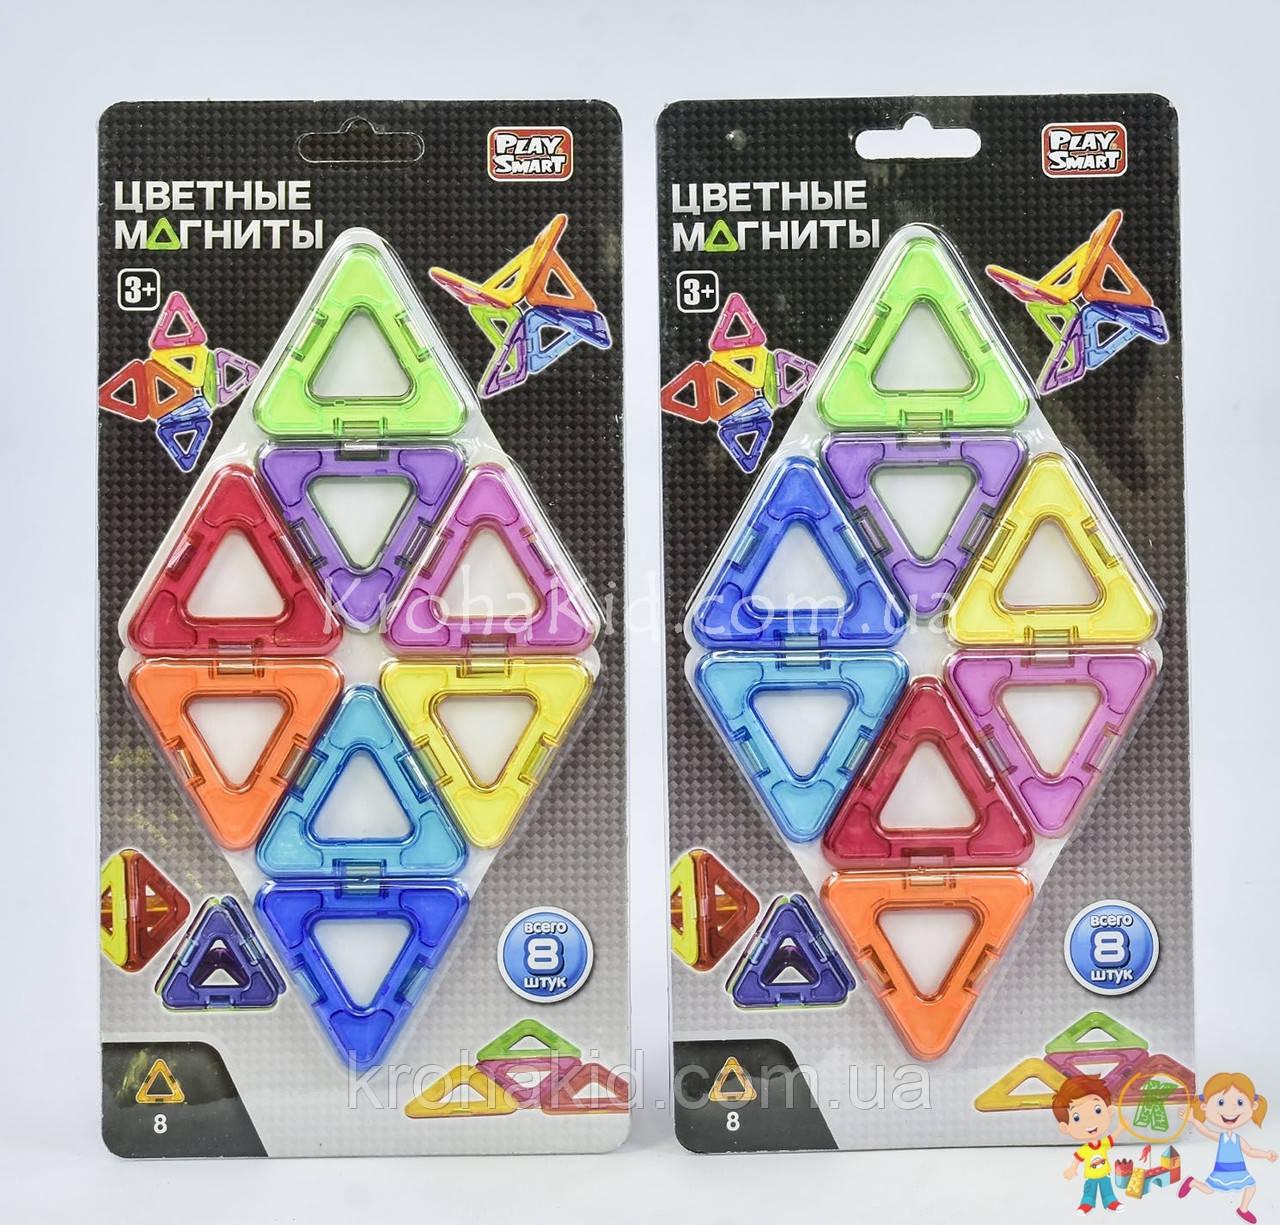 """Конструктор магнитный 2432 Play Smart """"Цветные магниты"""", 4 модели (8 деталей) на листе"""